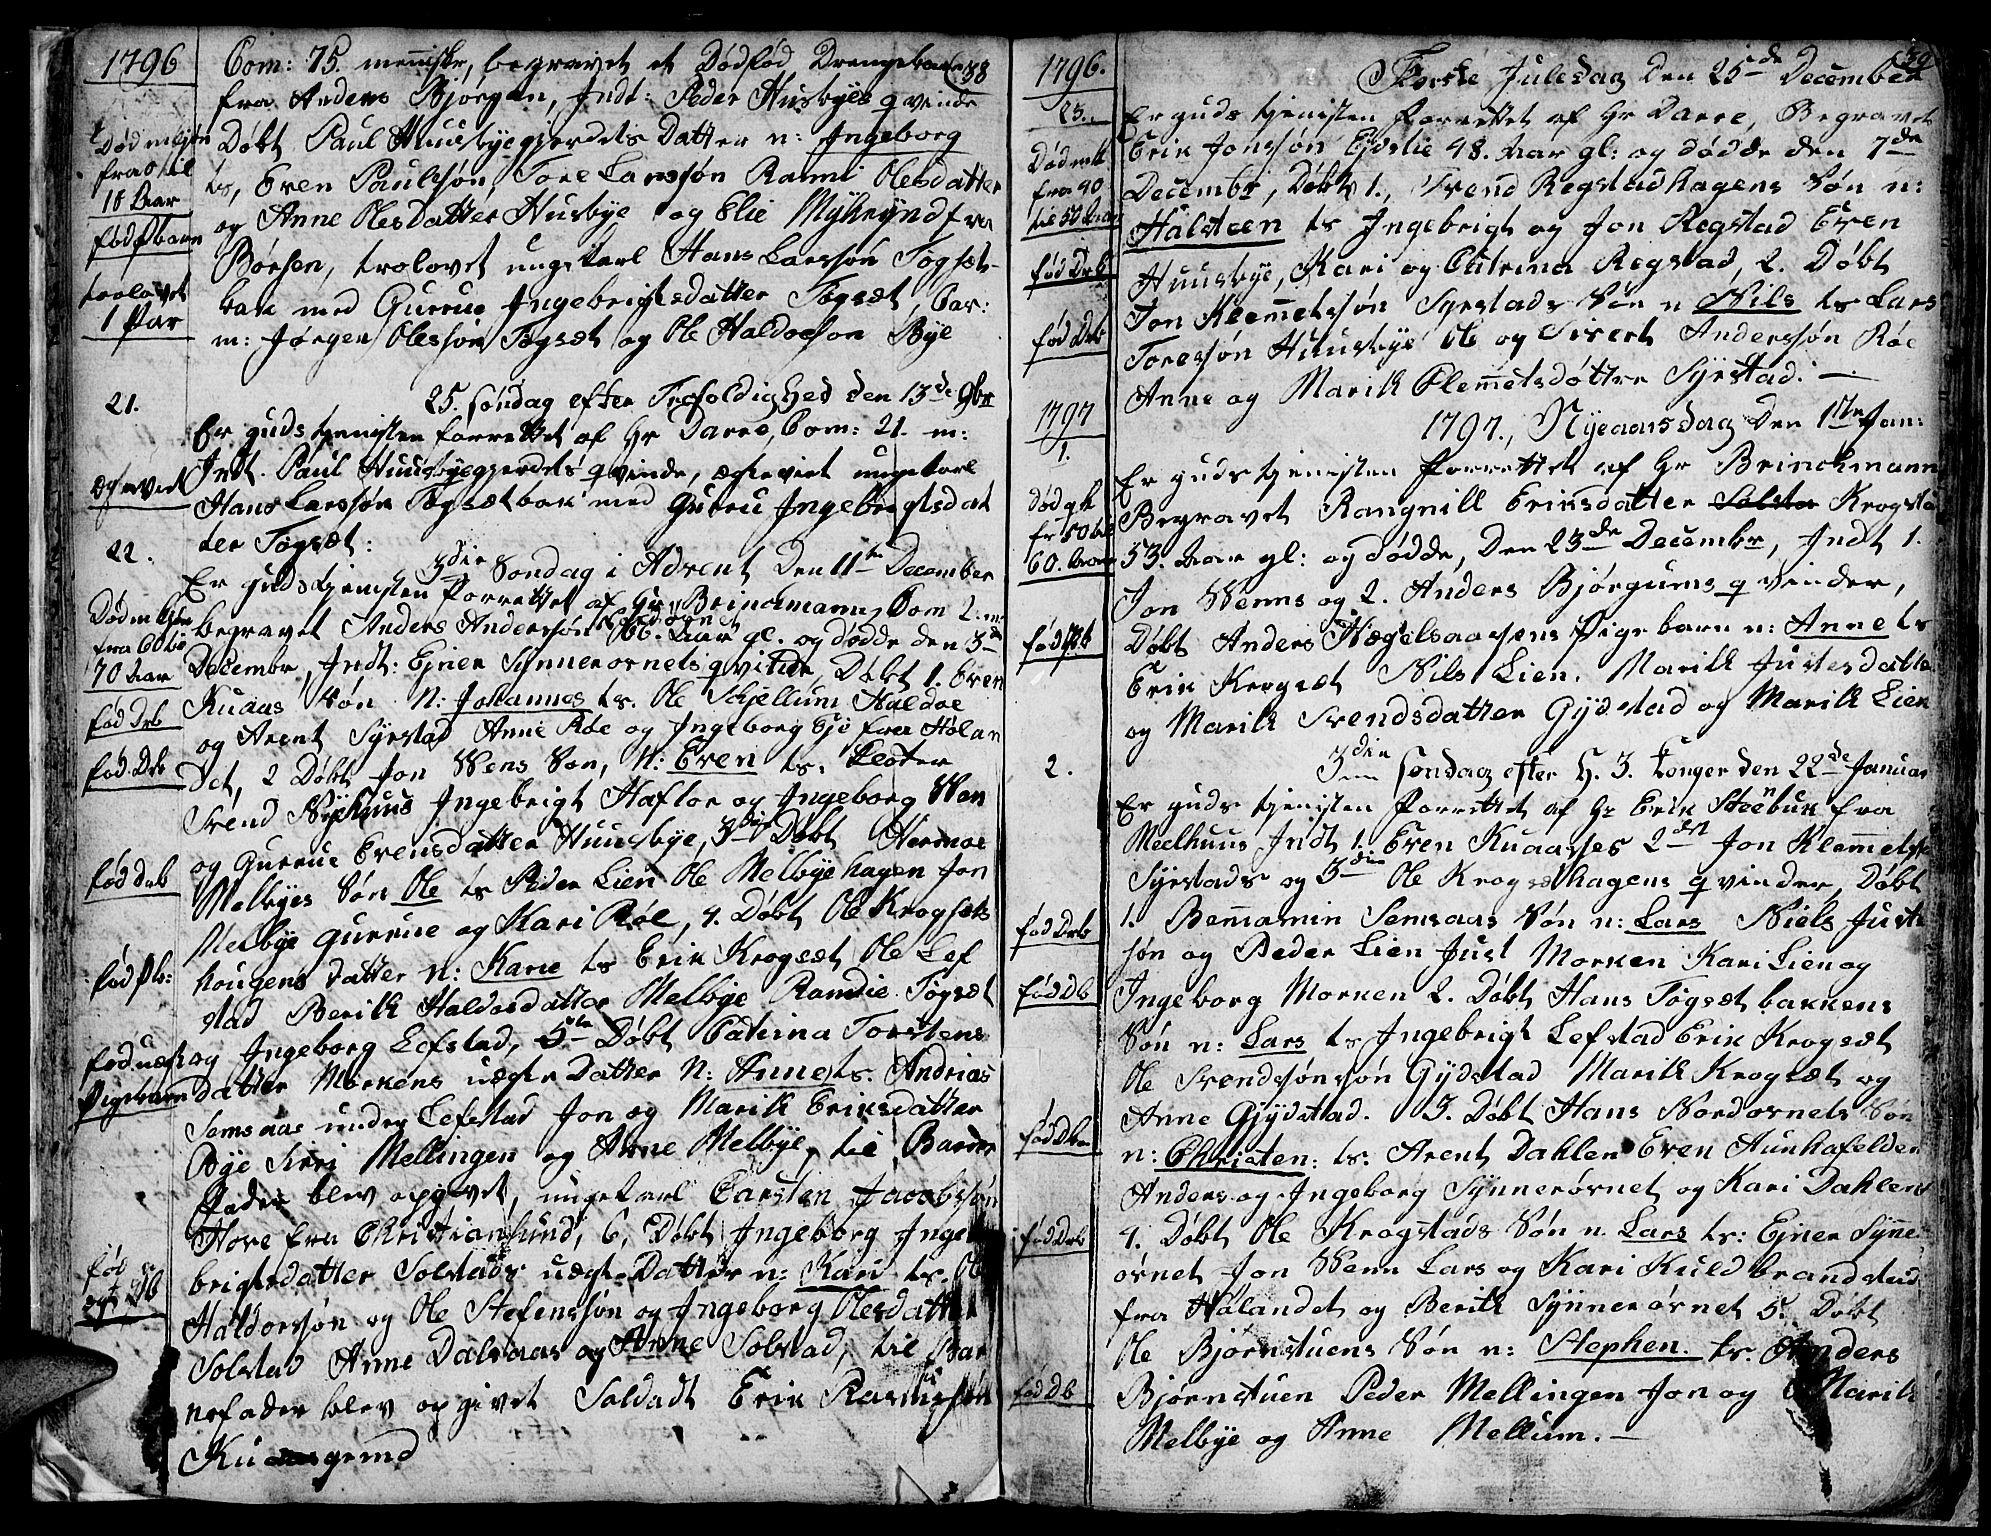 SAT, Ministerialprotokoller, klokkerbøker og fødselsregistre - Sør-Trøndelag, 667/L0794: Ministerialbok nr. 667A02, 1791-1816, s. 38-39